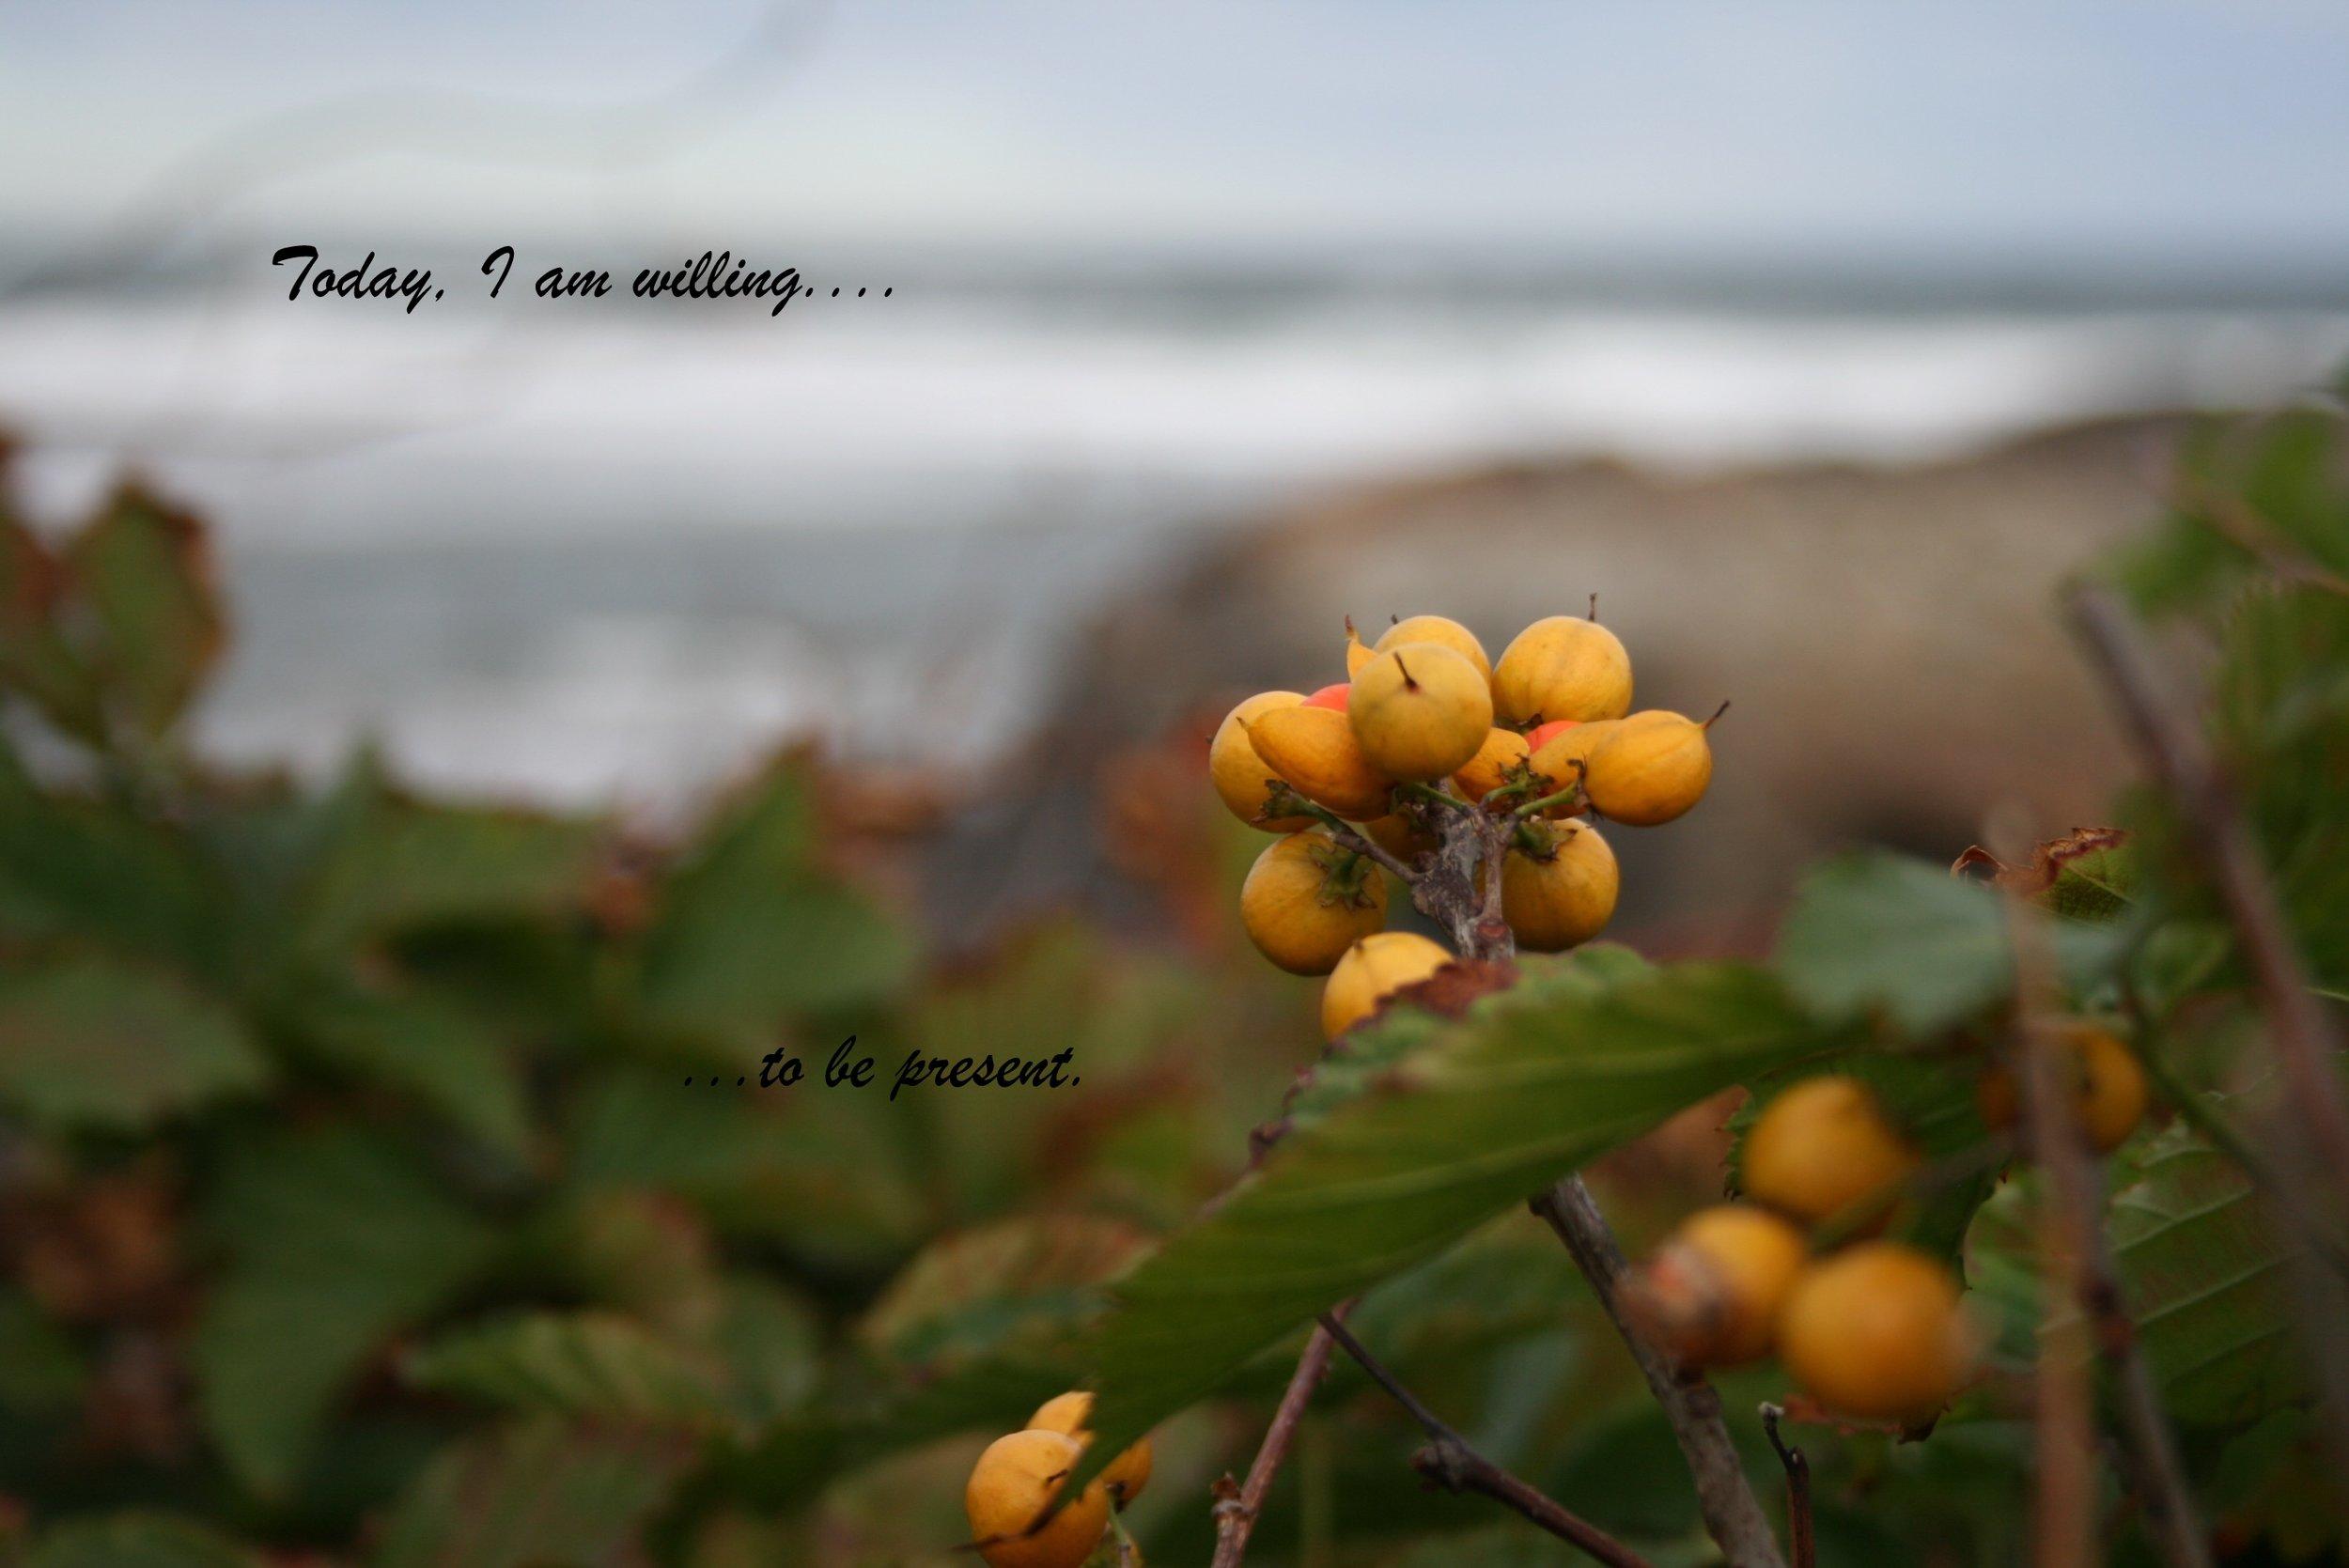 Yellow Berries_to be present-1.jpg